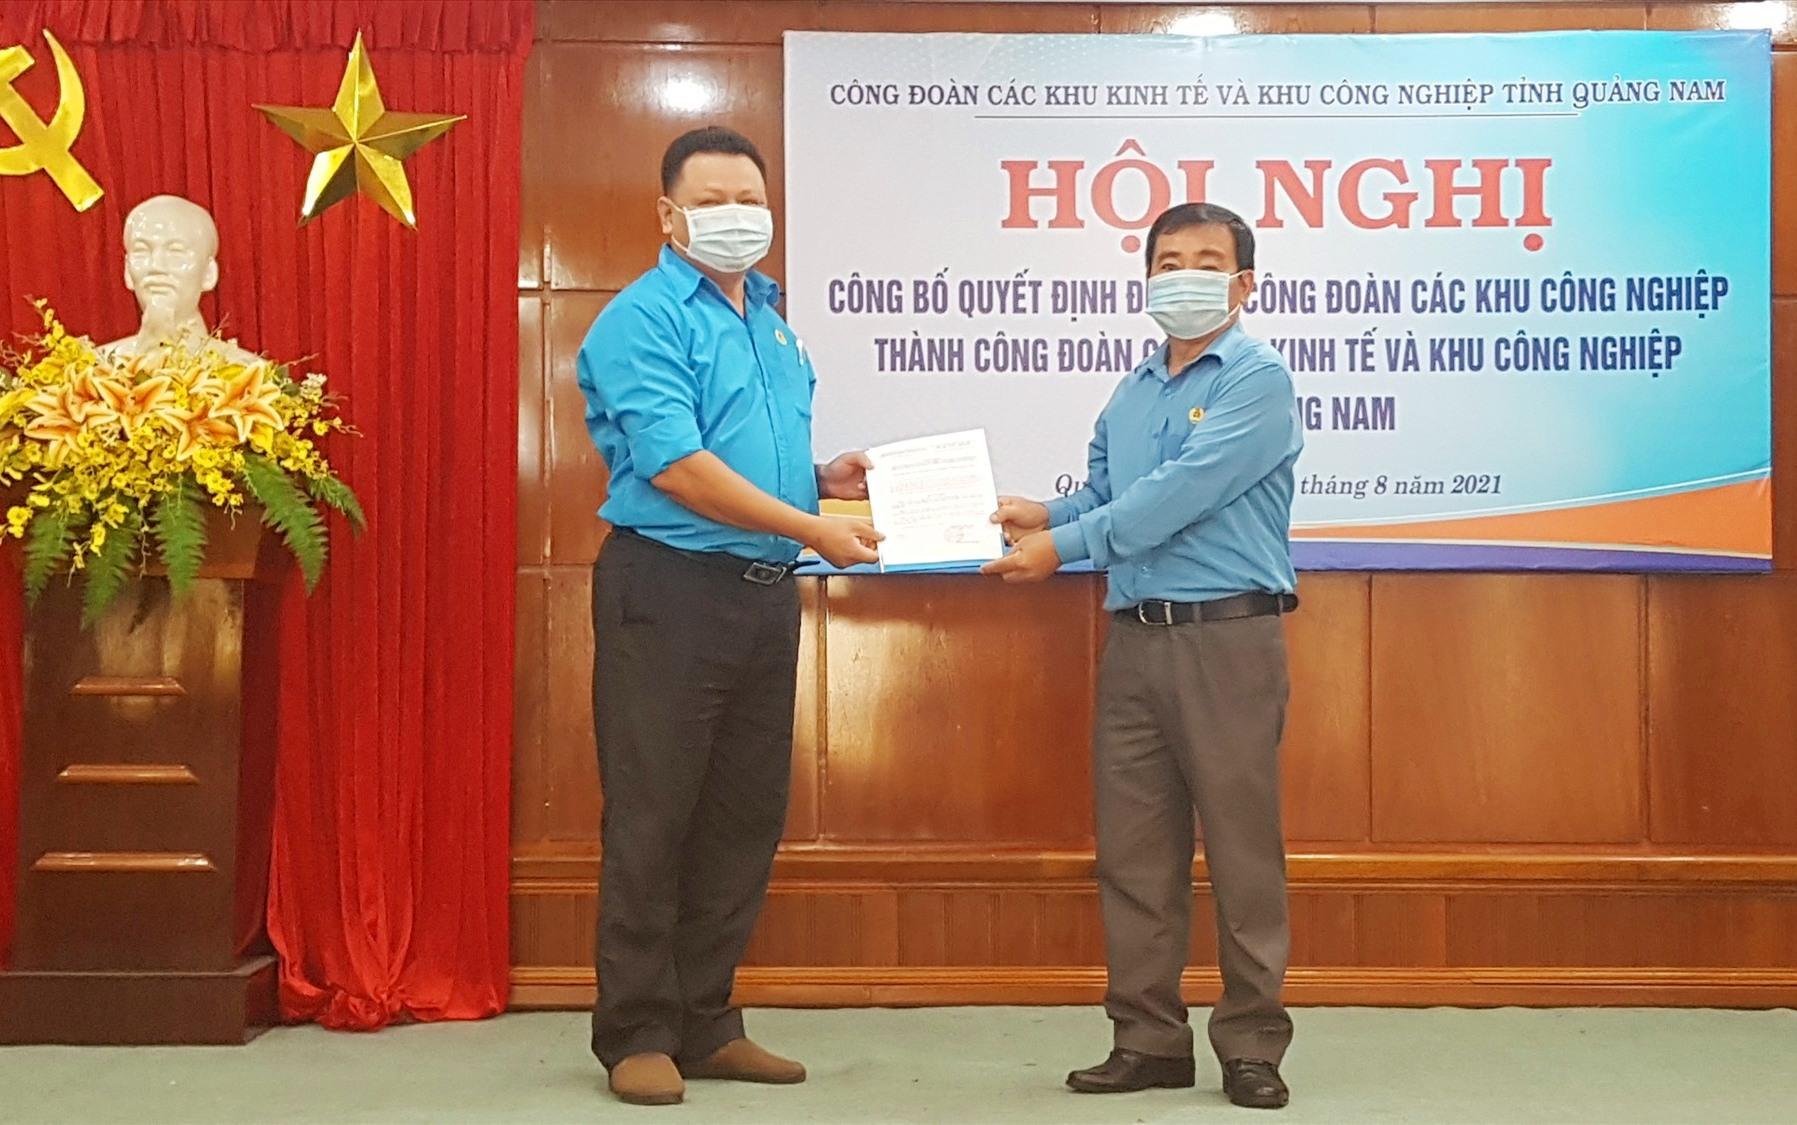 Chủ tịch LĐLĐ tỉnh Phan Xuân Quang trao Quyết định đổi tên Công đoàn Khu kinh tế và Khu công nghiệp tỉnh. Ảnh: D.L